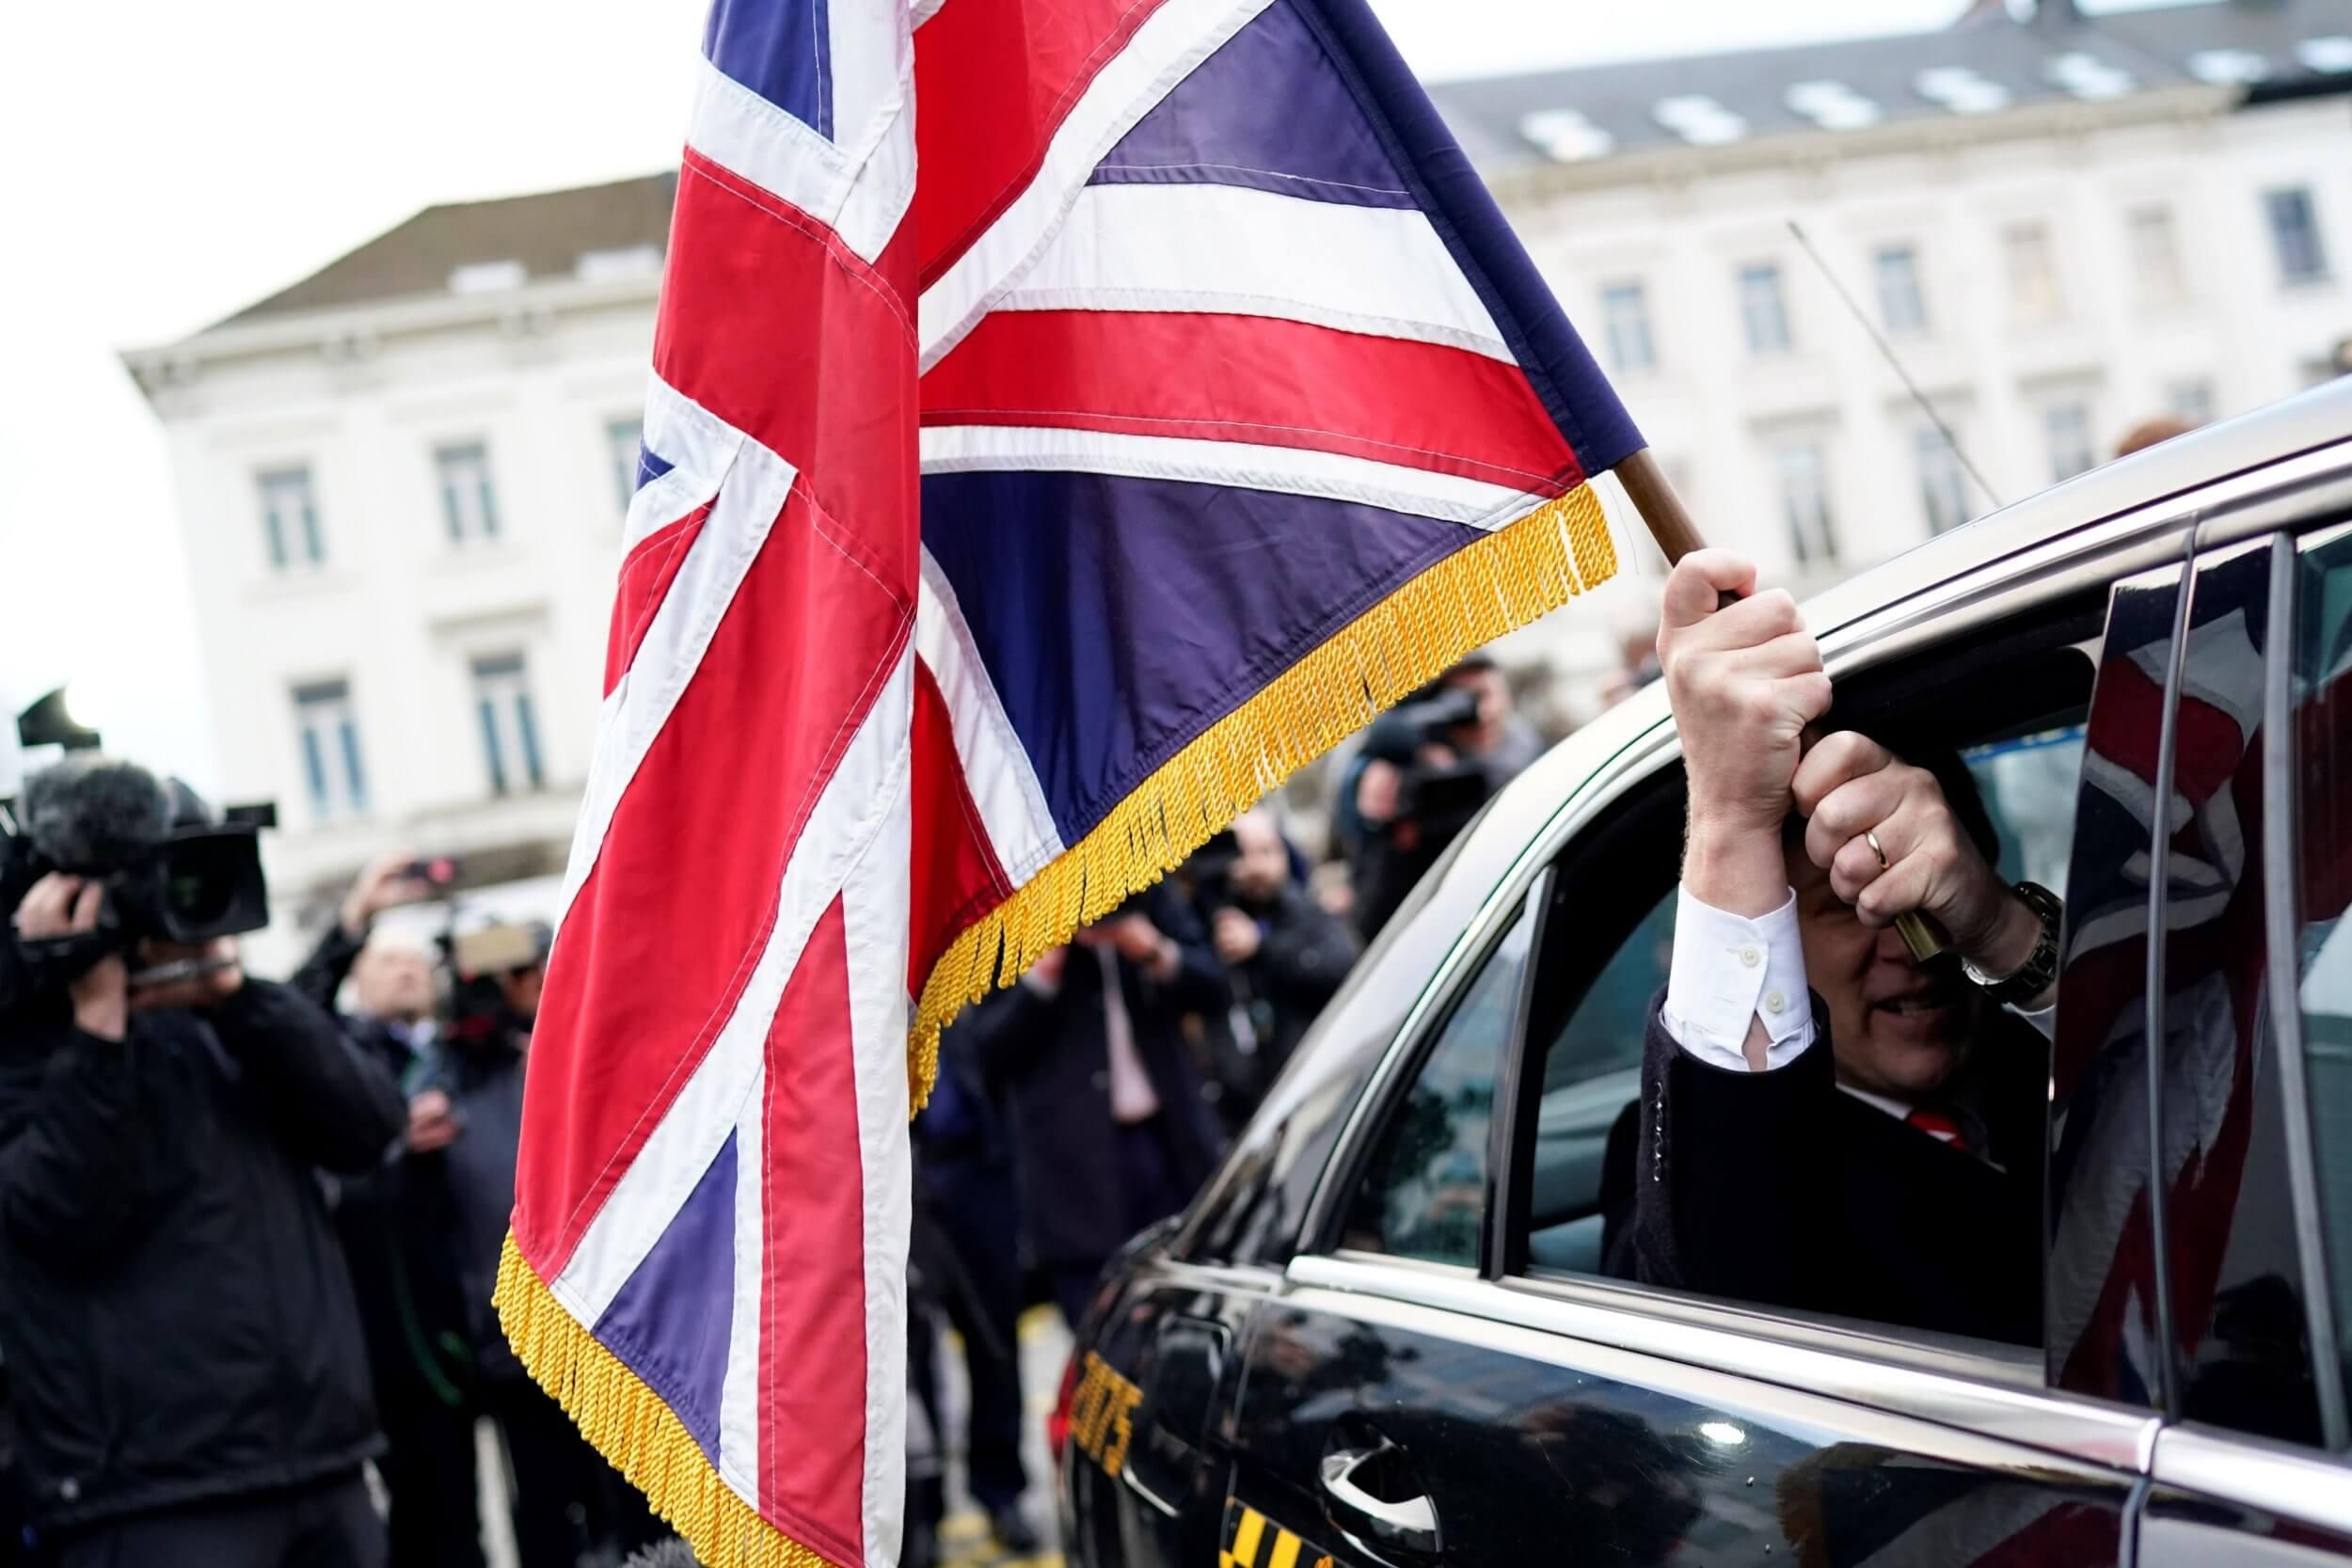 Good bye, Британия! - Пражский Телеграф